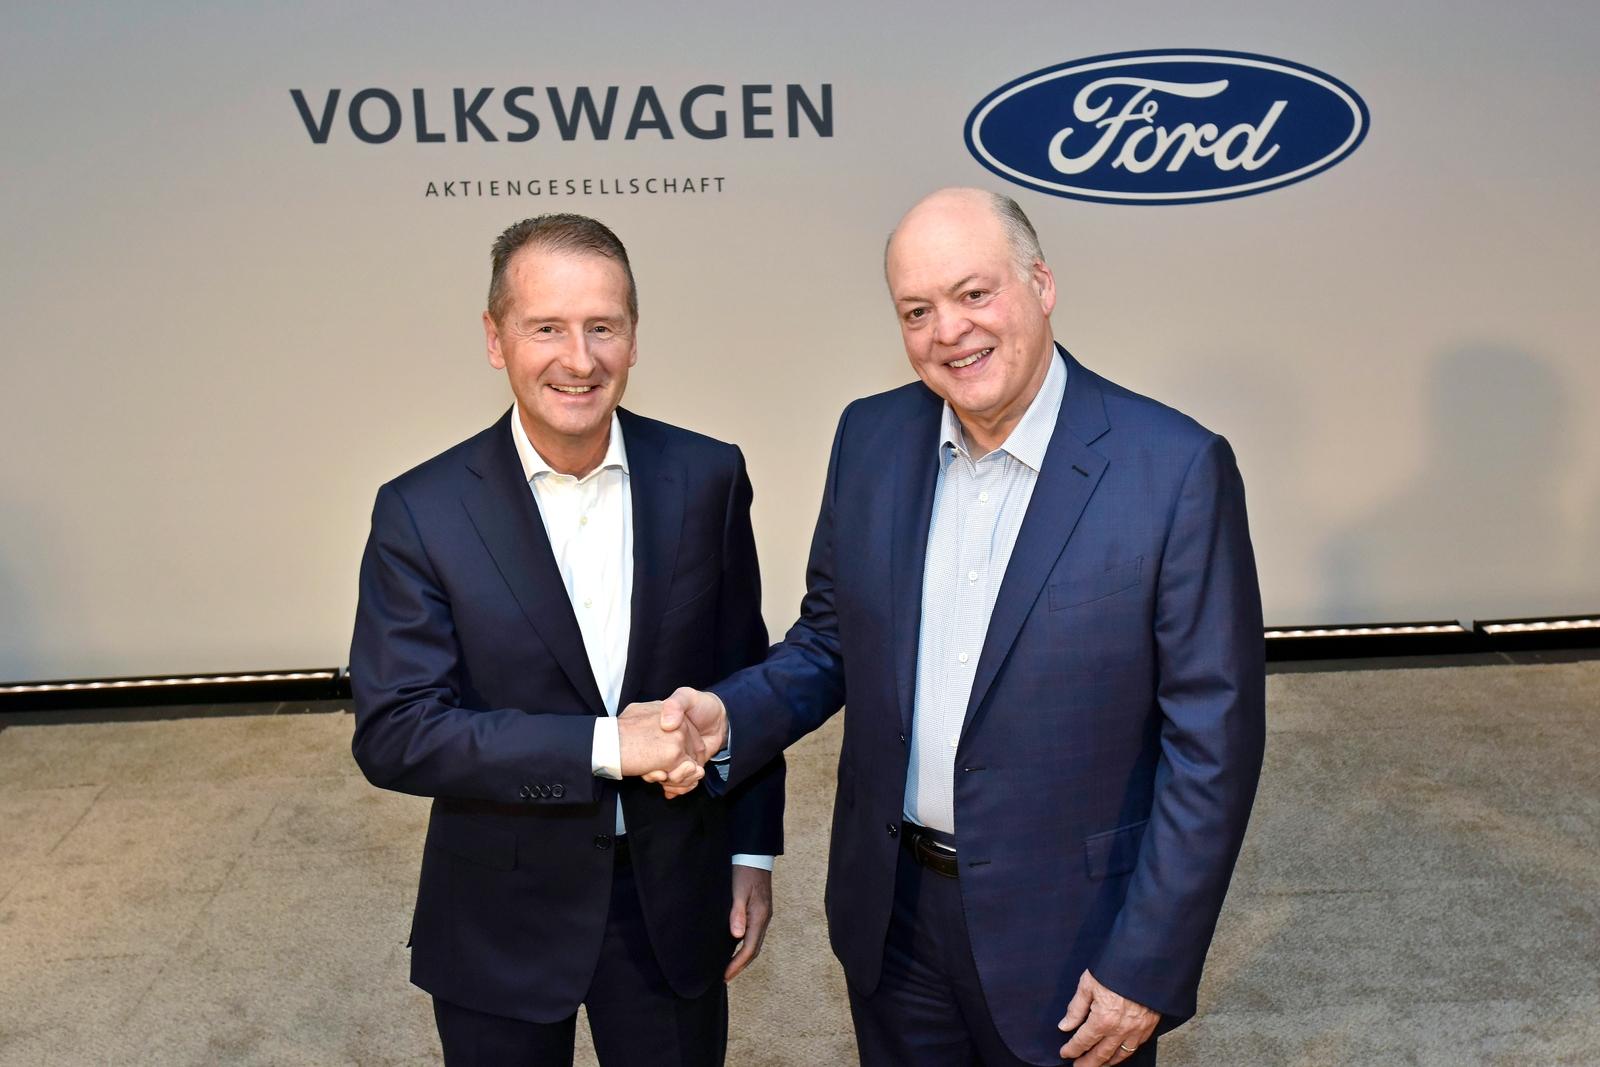 VW инвестирует $2,6 млрд в общую с Форд разработку беспилотных авто